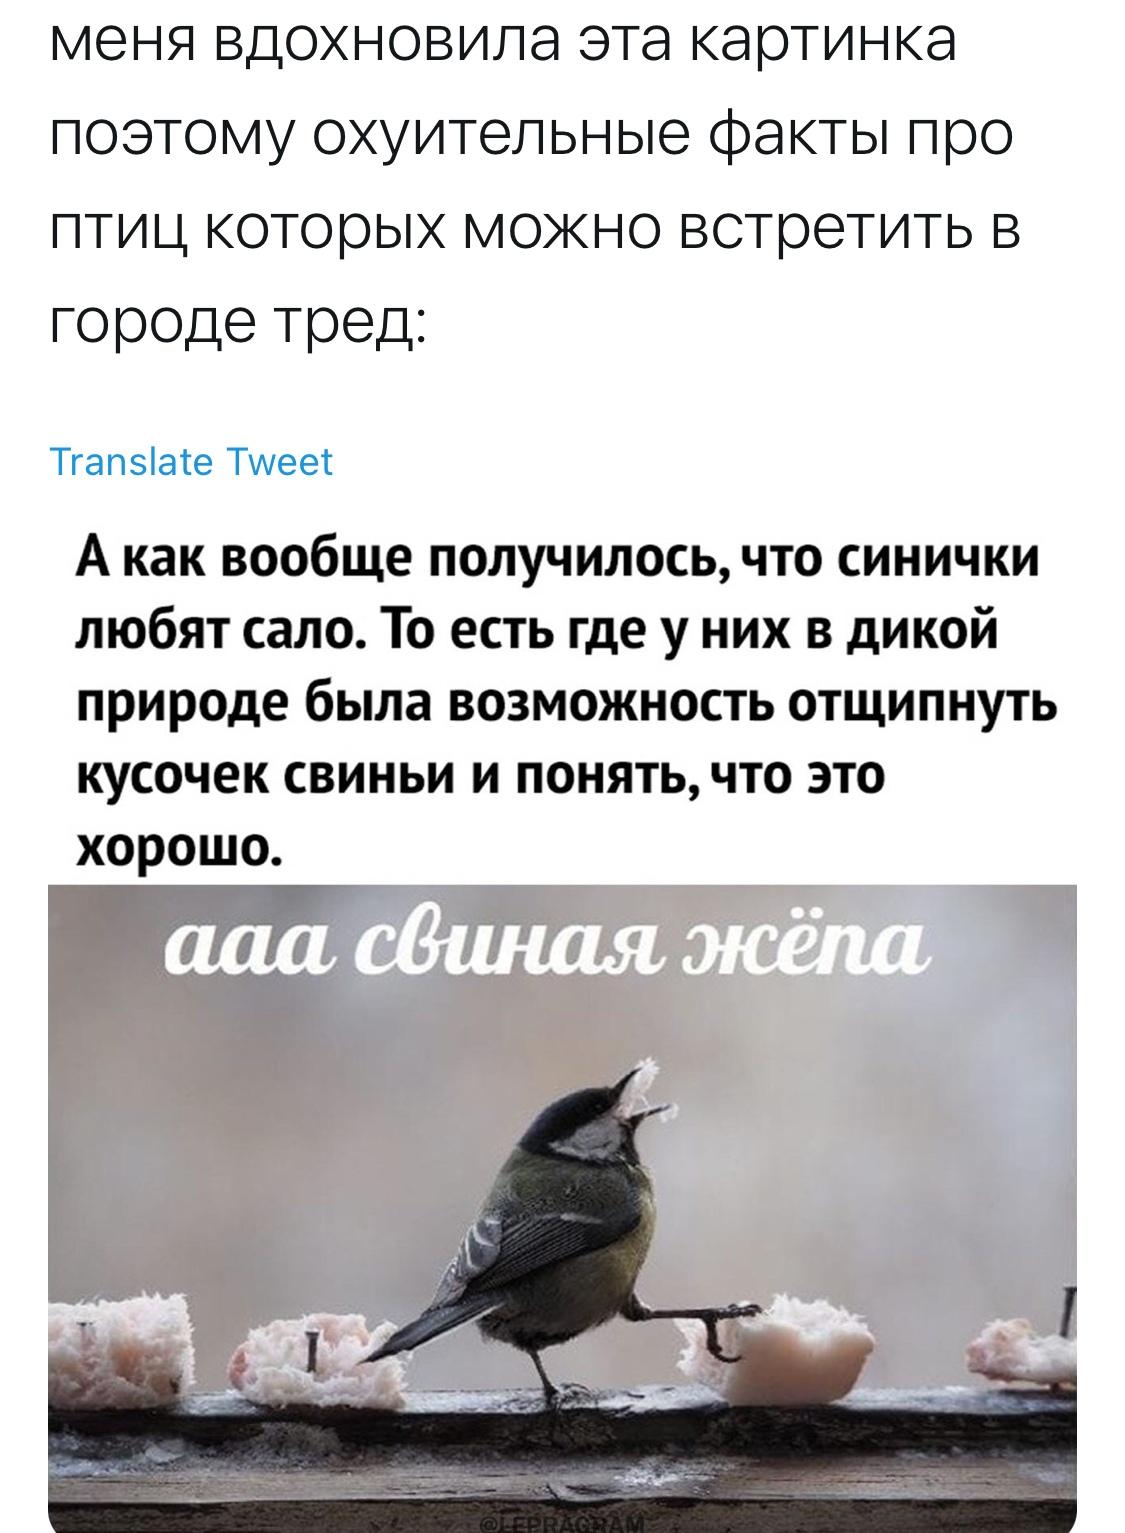 Факты о птицах